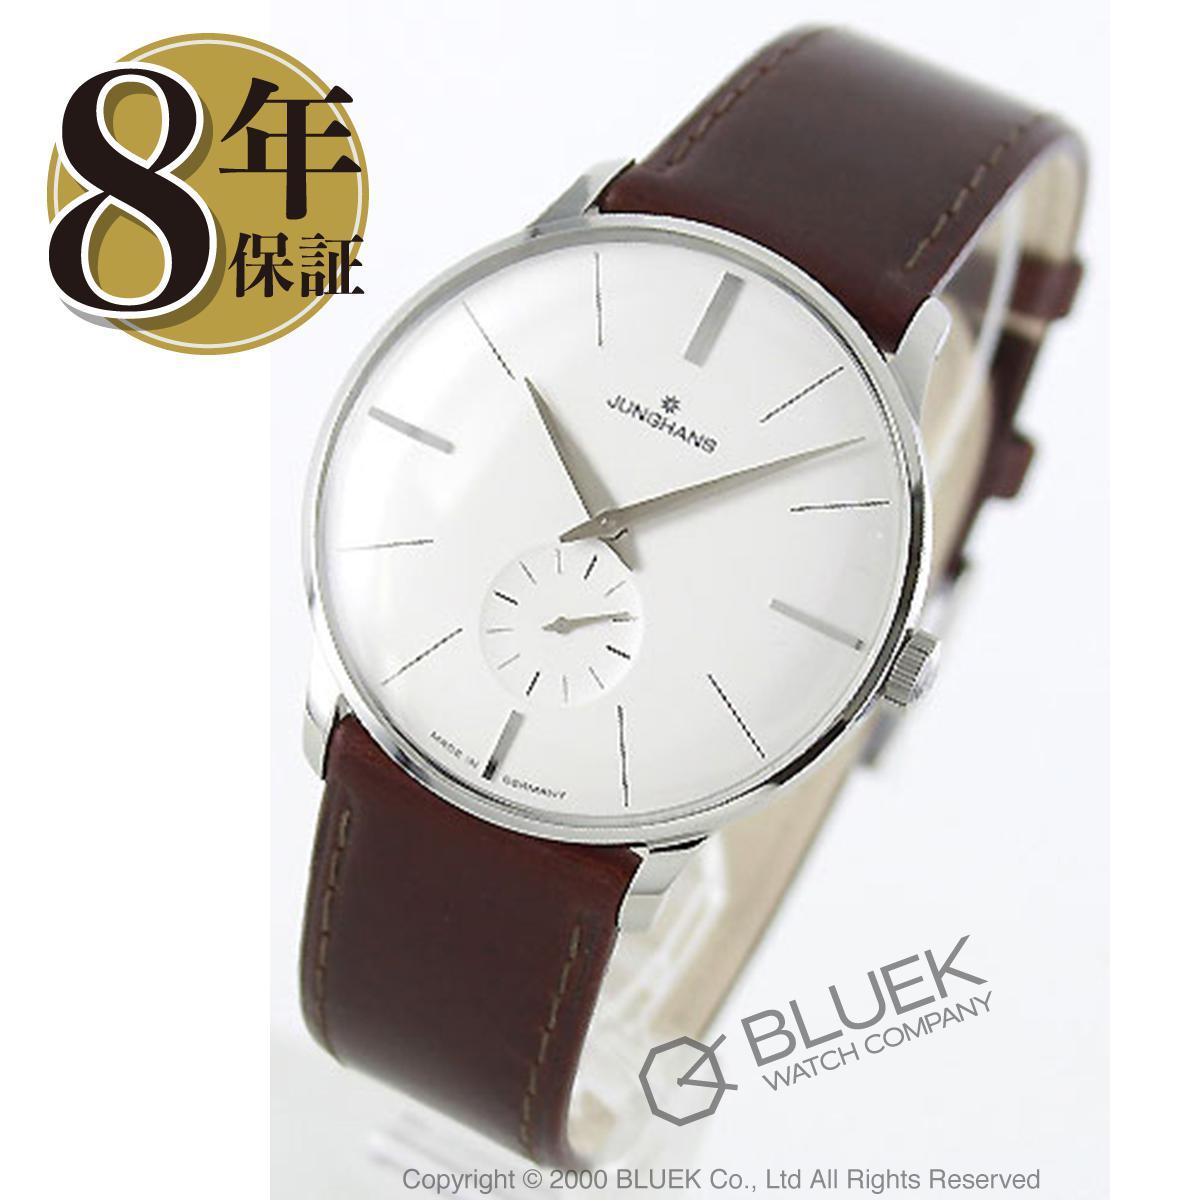 ユンハンス JUNGHANS 腕時計 マイスター メンズ 027/3200.00_8